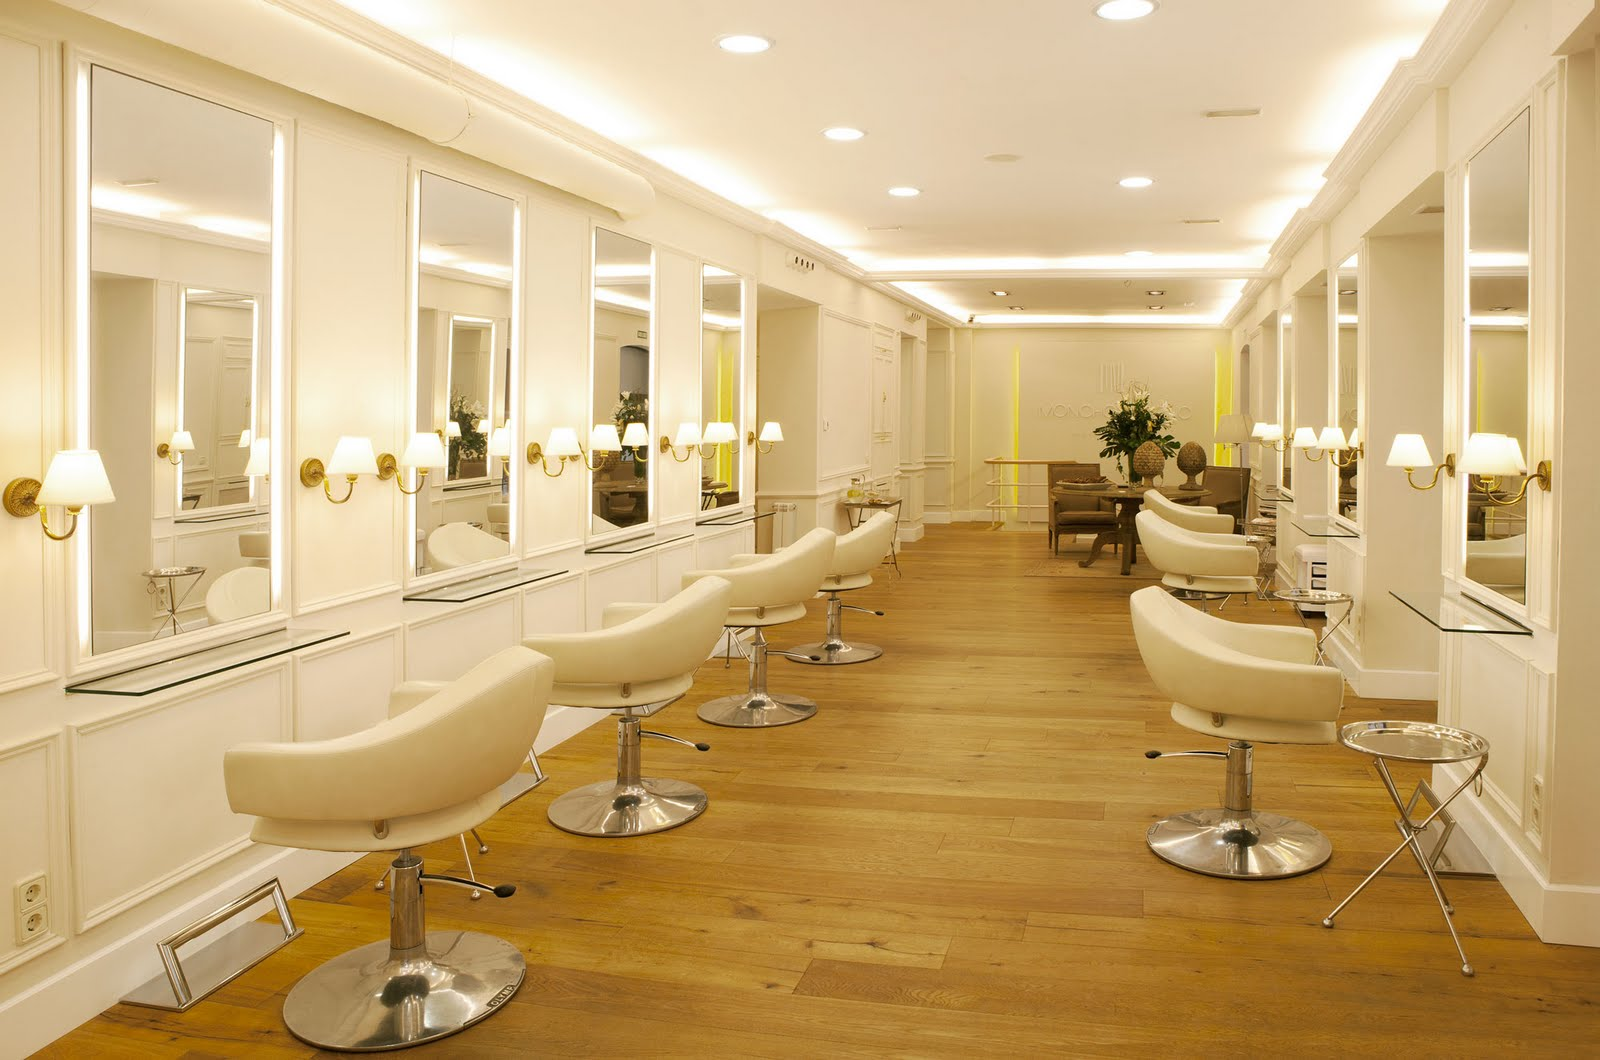 Moncho moreno estilista abre una lujosa peluquer a en madrid miss and chic blog - Los mejores salones decorados ...